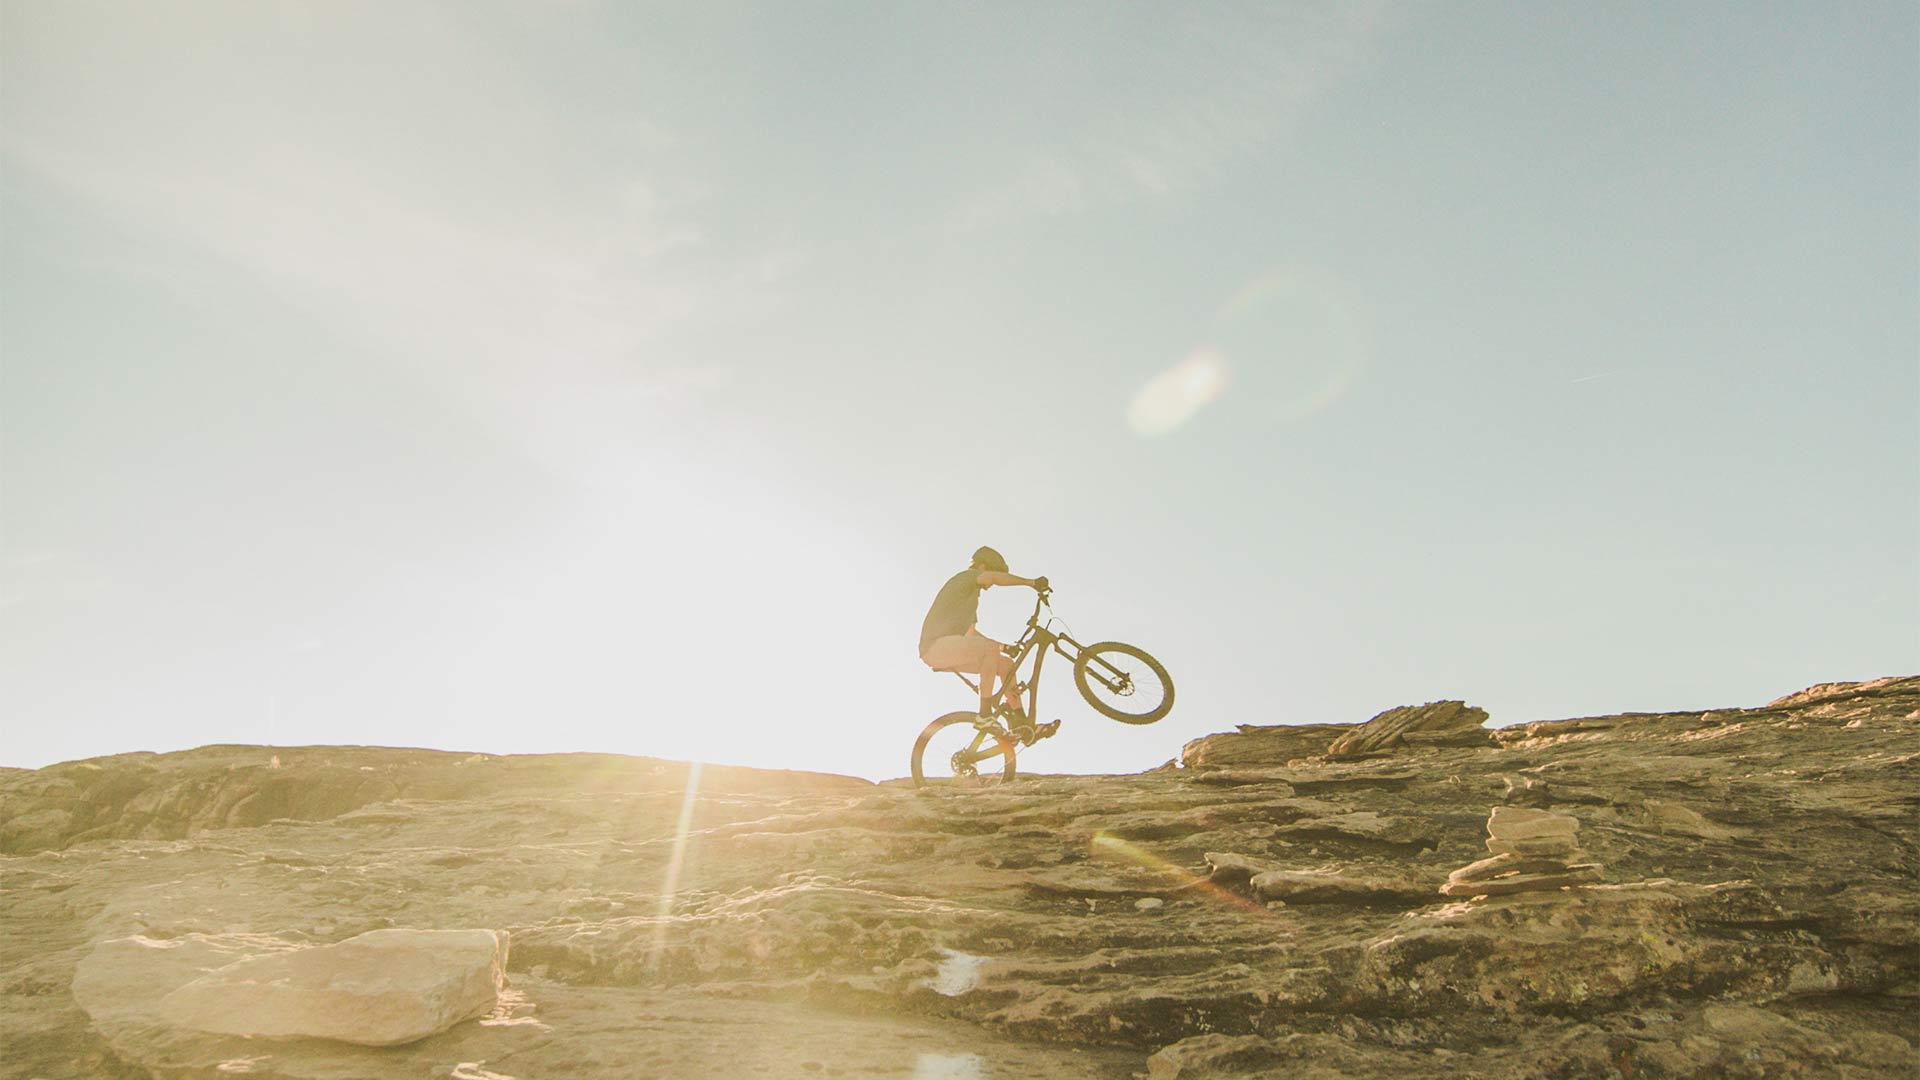 לאוהבי אקסטרים – אופני הרים חשמליות